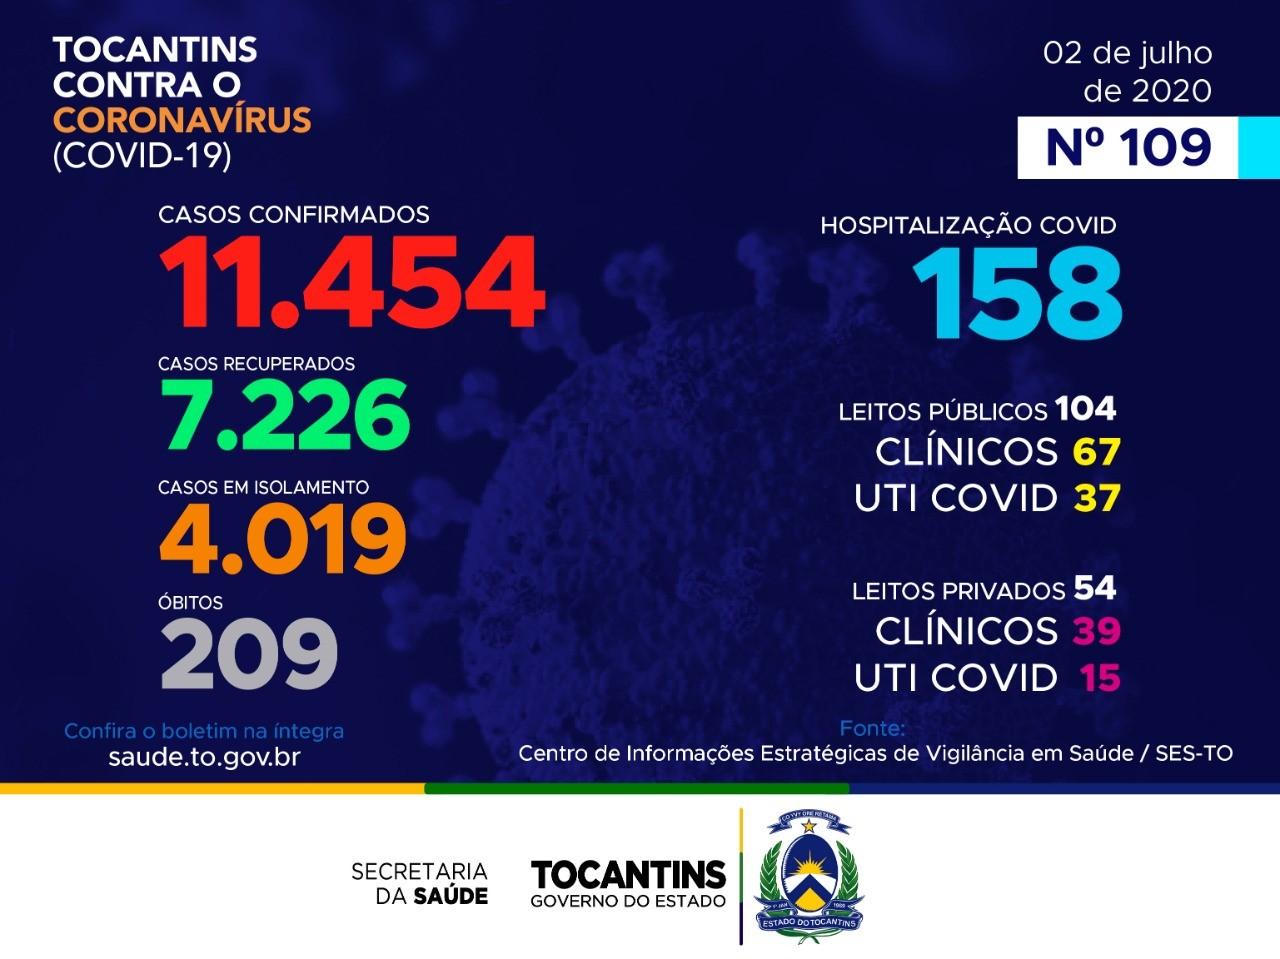 Tocantins possui 4.019 casos ativos e 7.226 pacientes recuperados do novo coronavírus